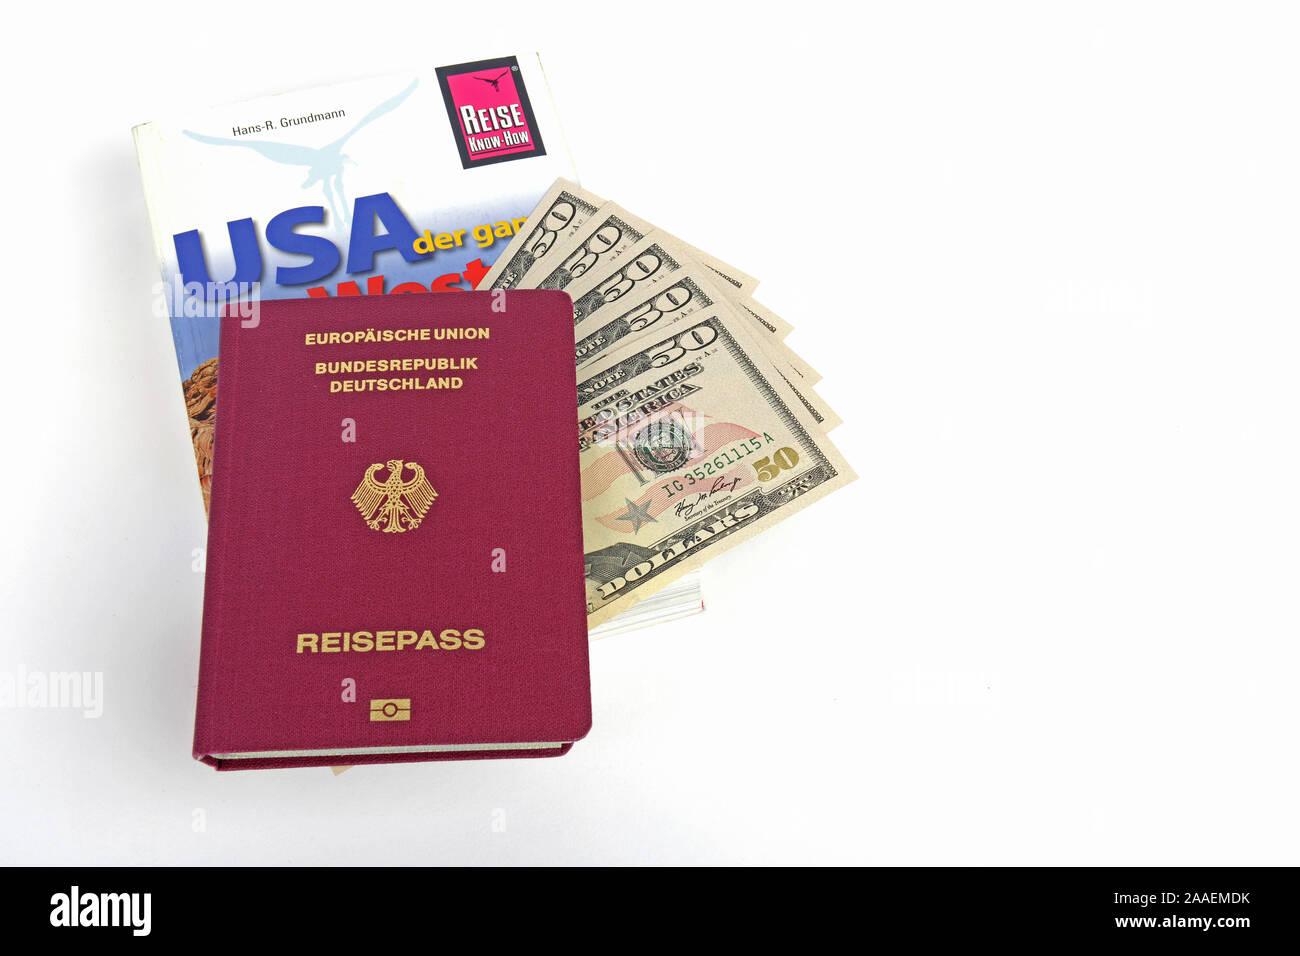 Reiseführer USA, Südwesten, Reisepass Bundesrepublik Deutschland, mehrere 50 Dollarscheine, Symbolbild Reisenplanung USA Stock Photo